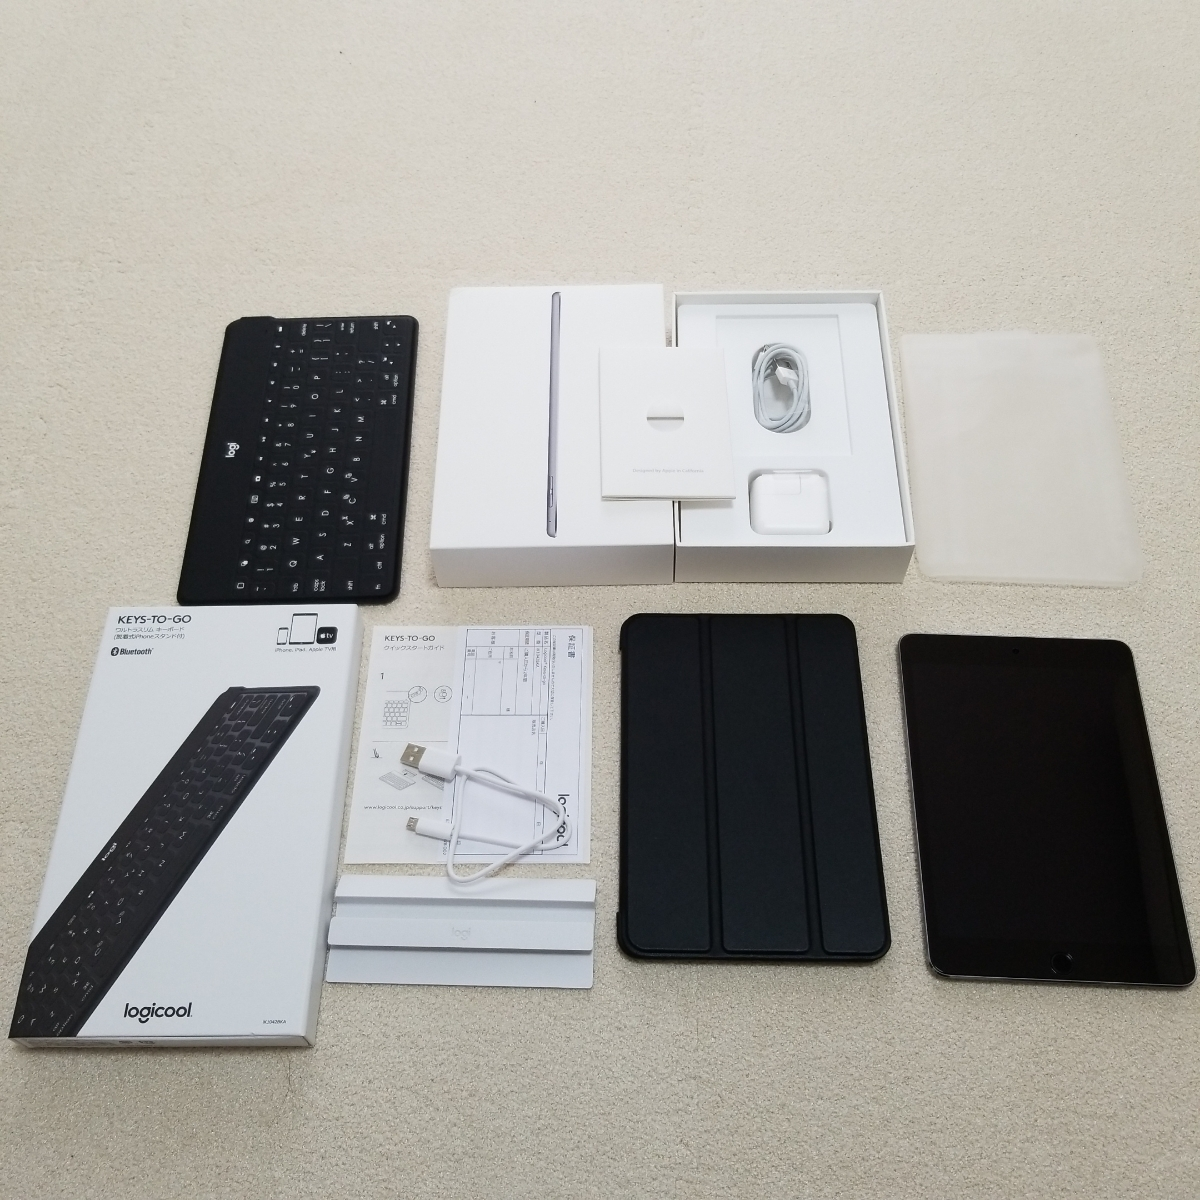 超美品 2018年末購入 ipad mini 本体  128GB A1538 wi-fiモデル Bluetooth ロジクール キーボード ケースおまけ付